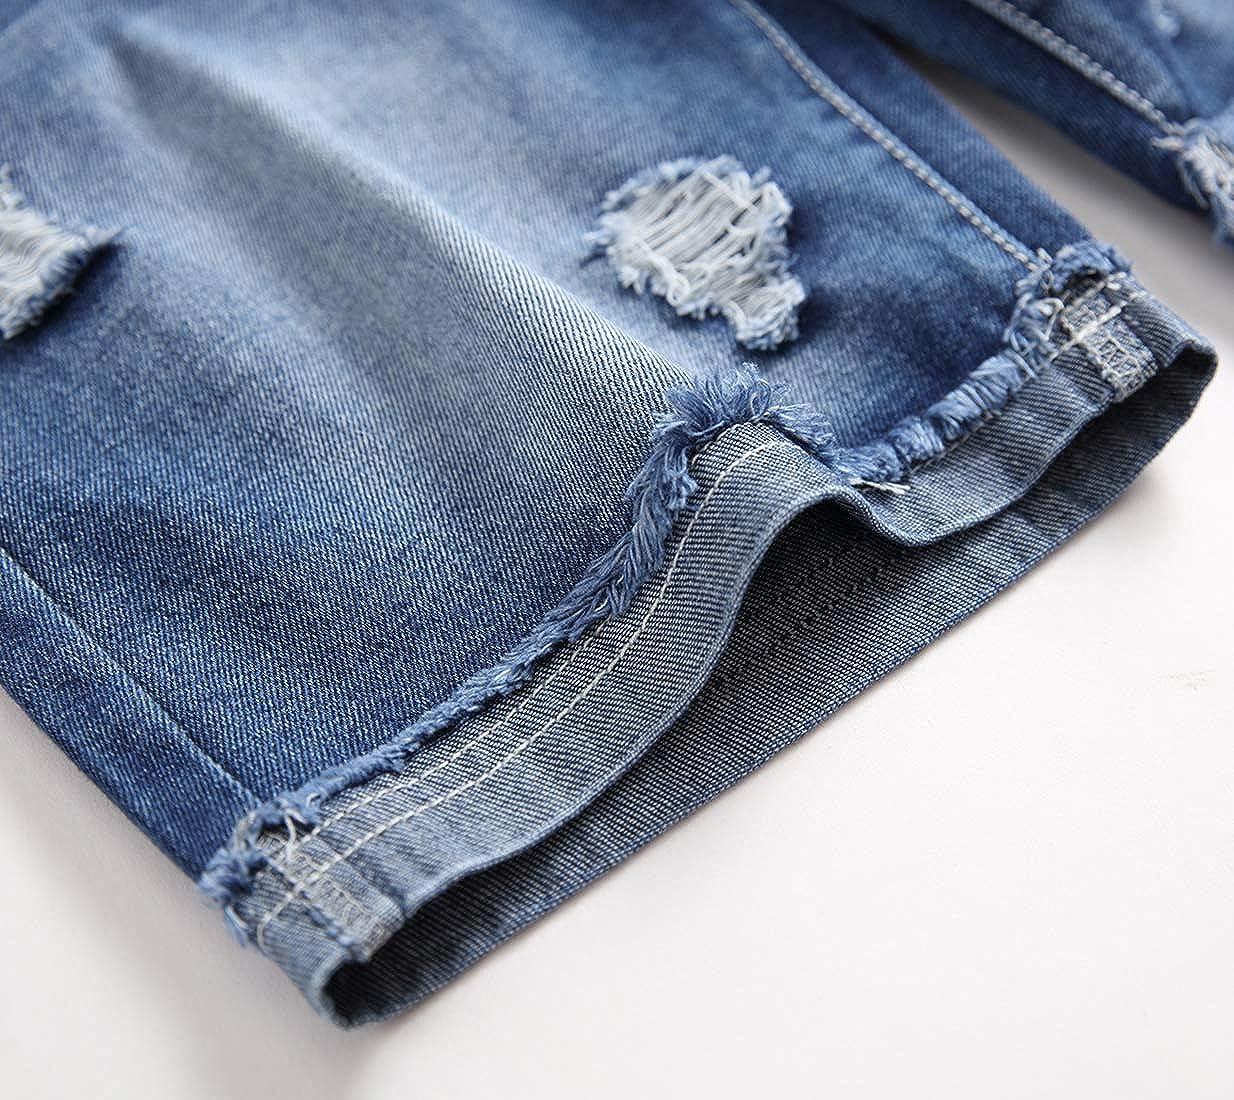 Shorts Jeans Strappati con Elastico in Vita LAUSONS Pantaloncini Jeans Bambini e Ragazzi Pantaloni Corti Estivi Ragazzo